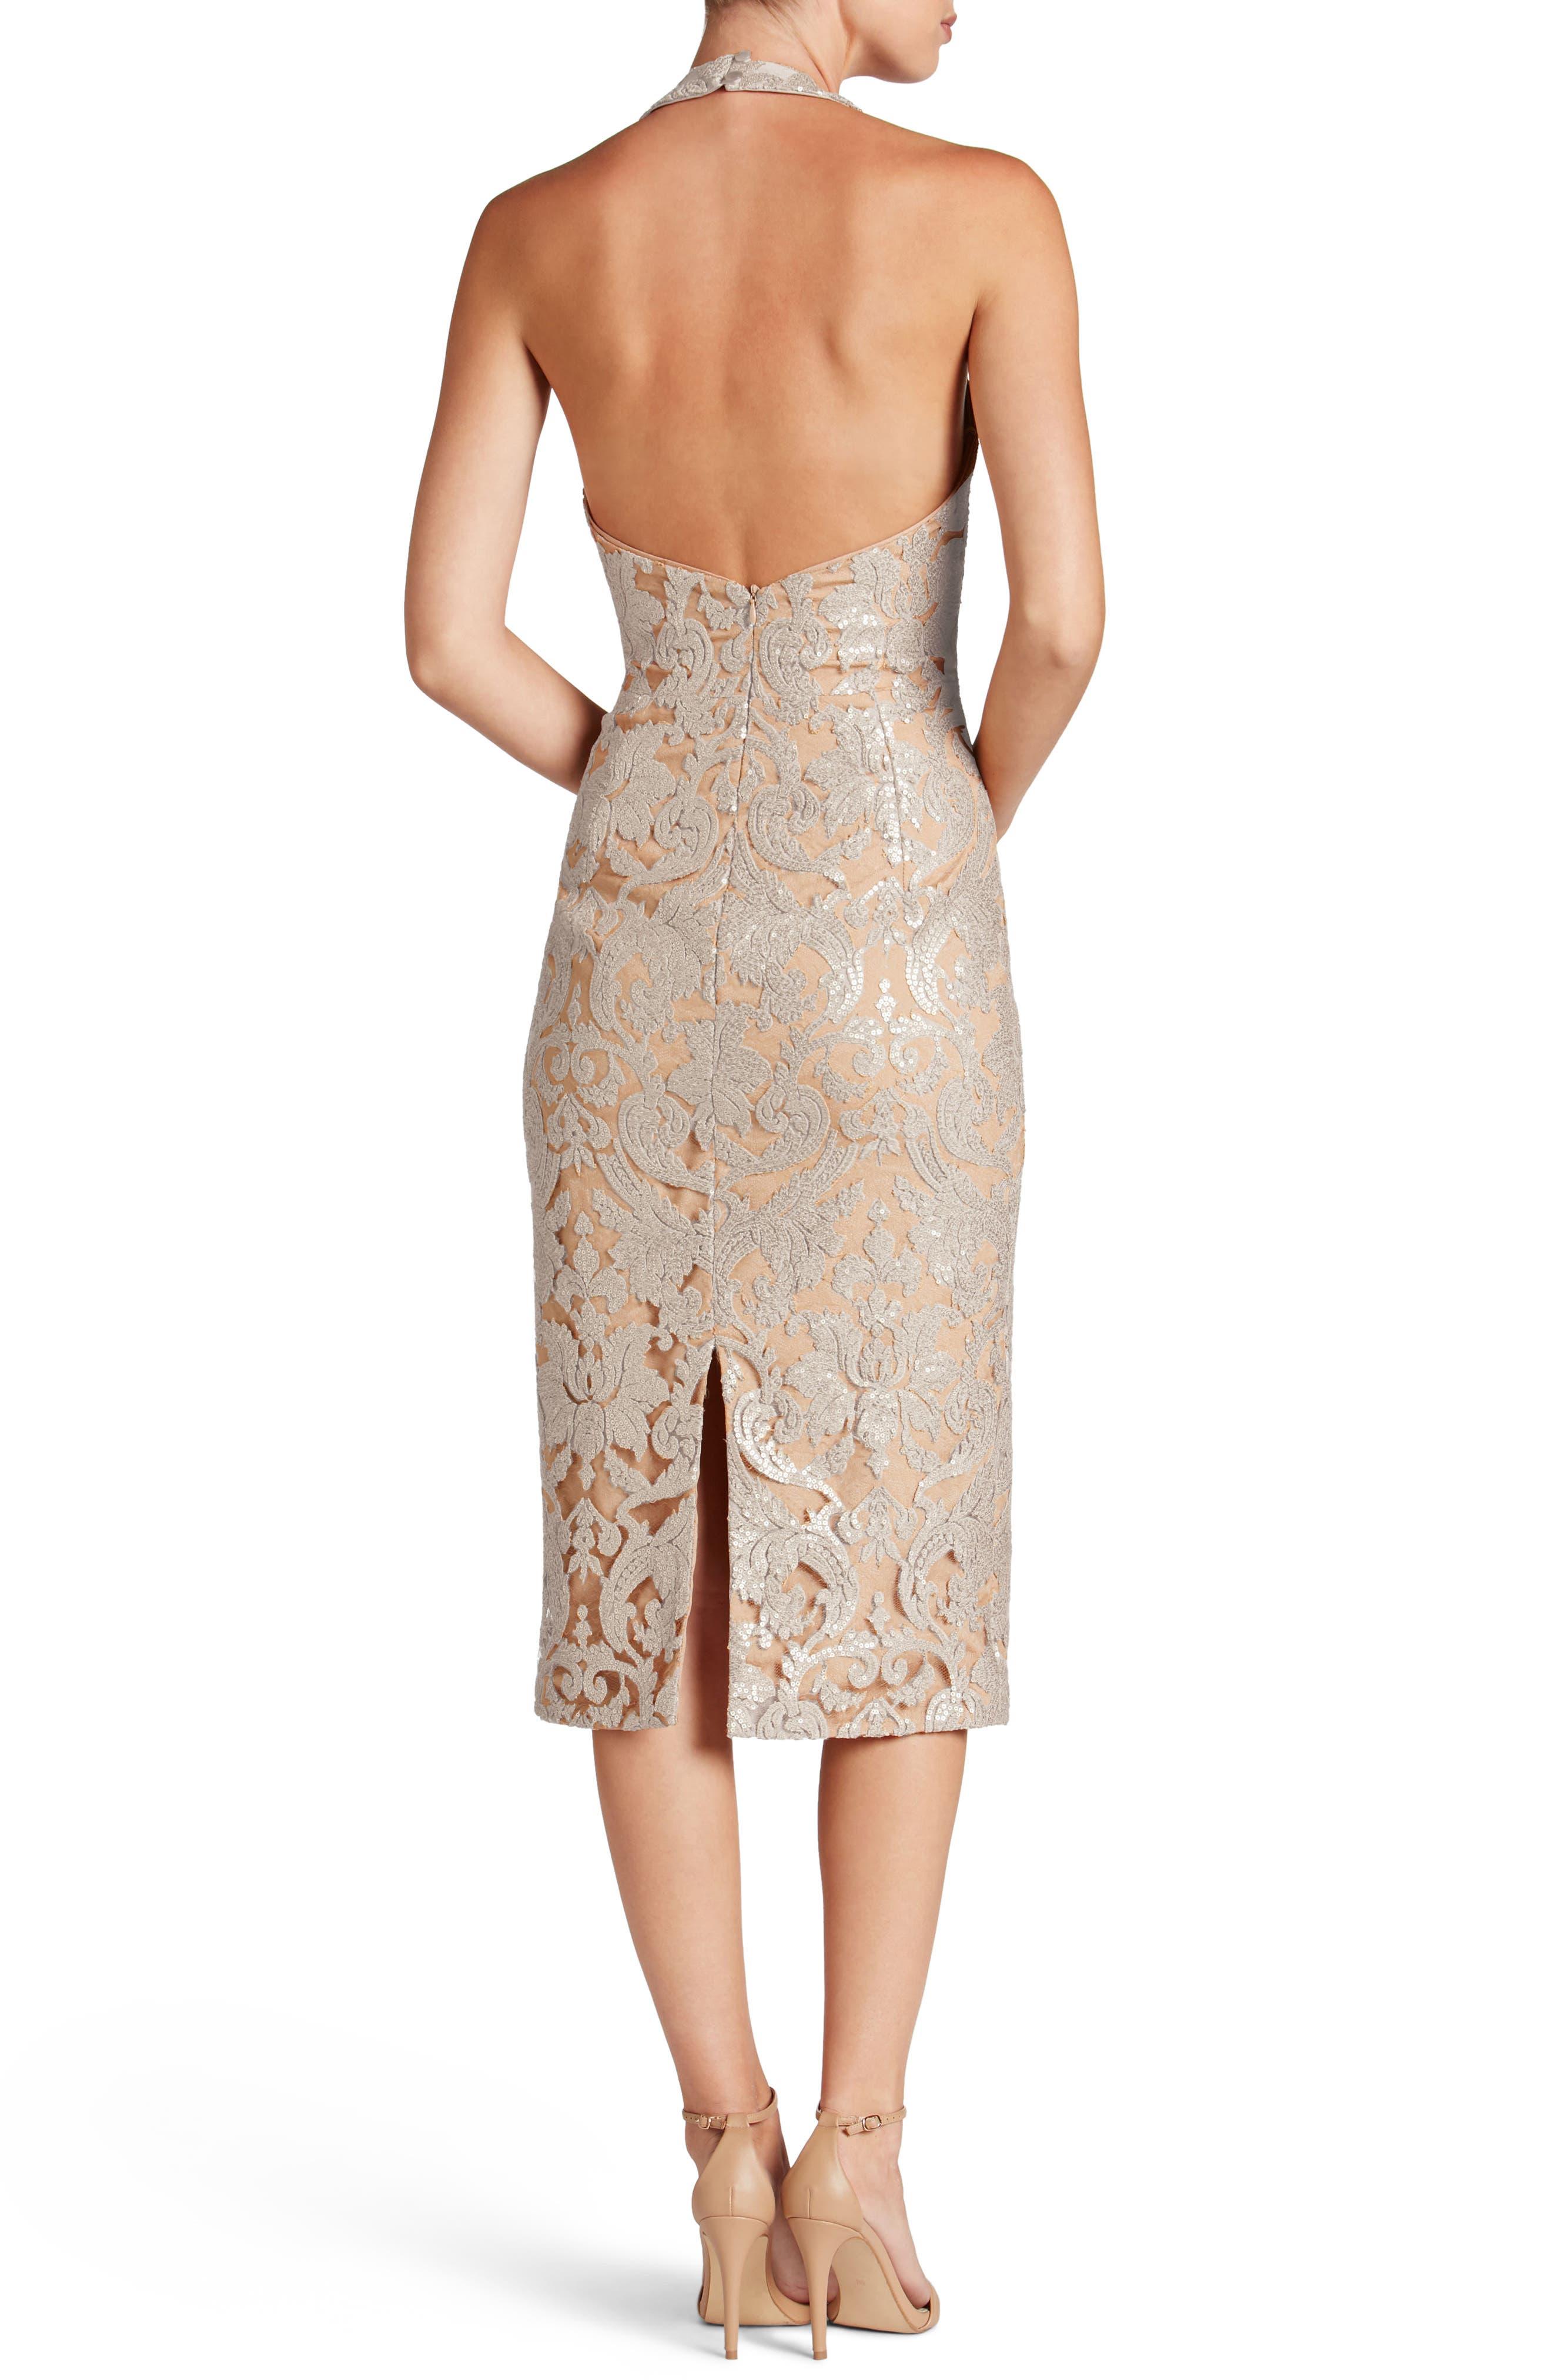 Cassie Sequin Midi Dress,                             Alternate thumbnail 2, color,                             Platinum/ Nude